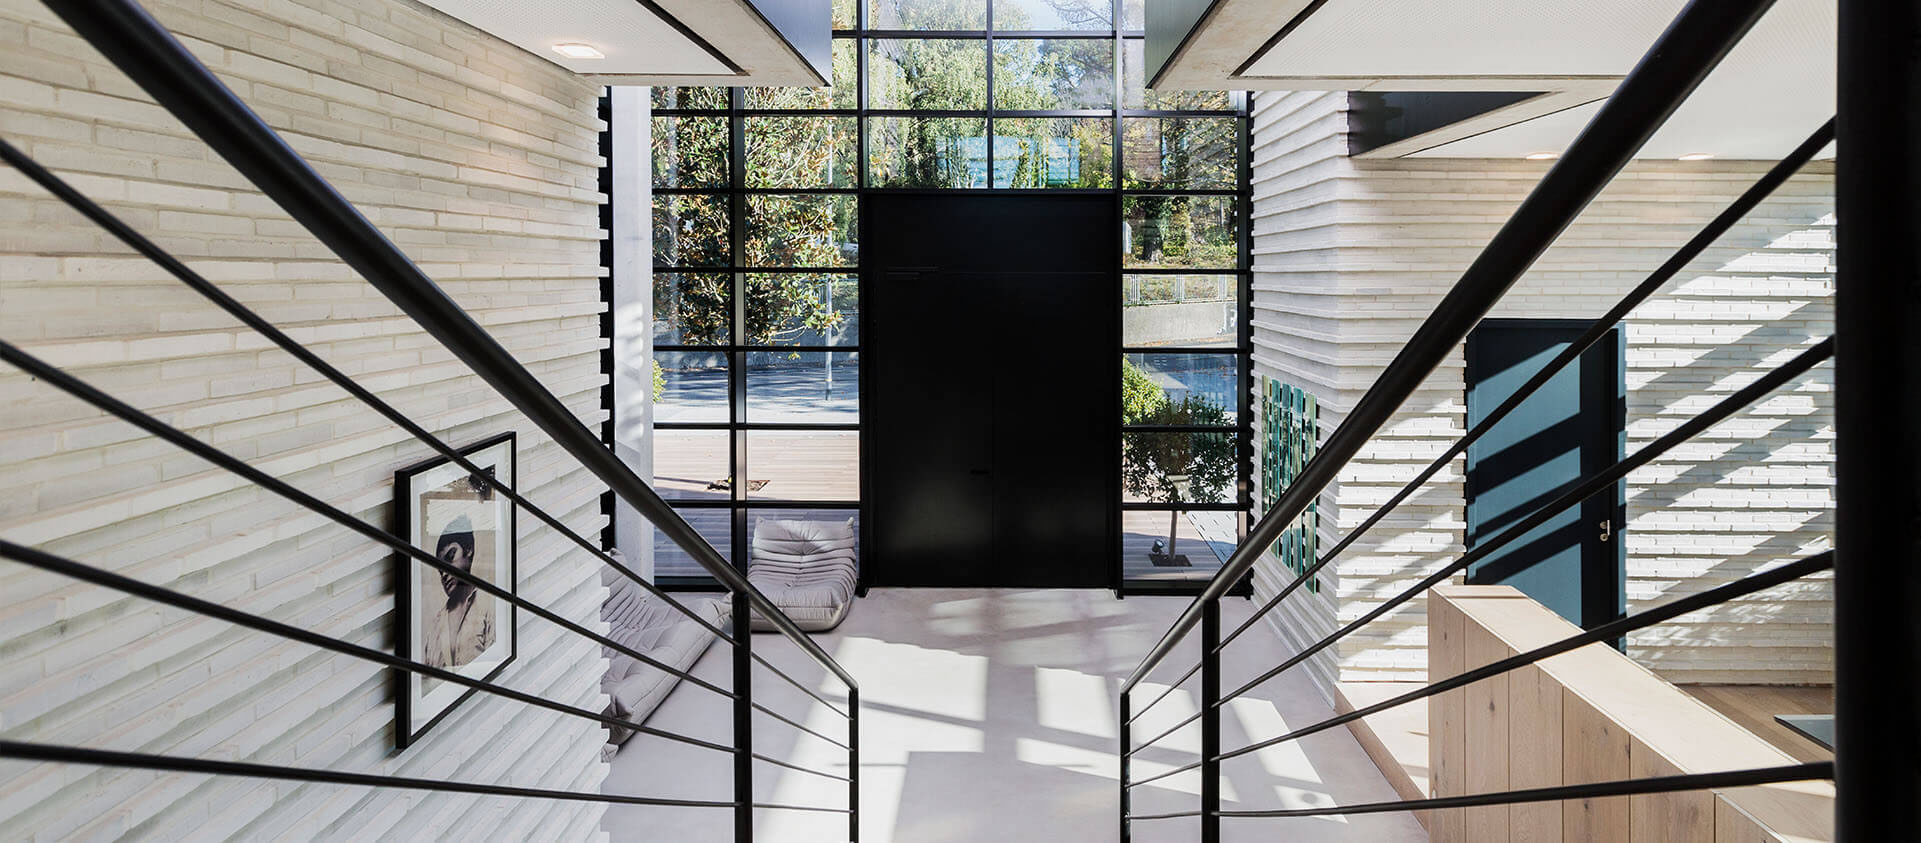 Blick auf Eingangsbereich des Büros für Architektur und Projektentwicklung - Eberhard und Florian Horn